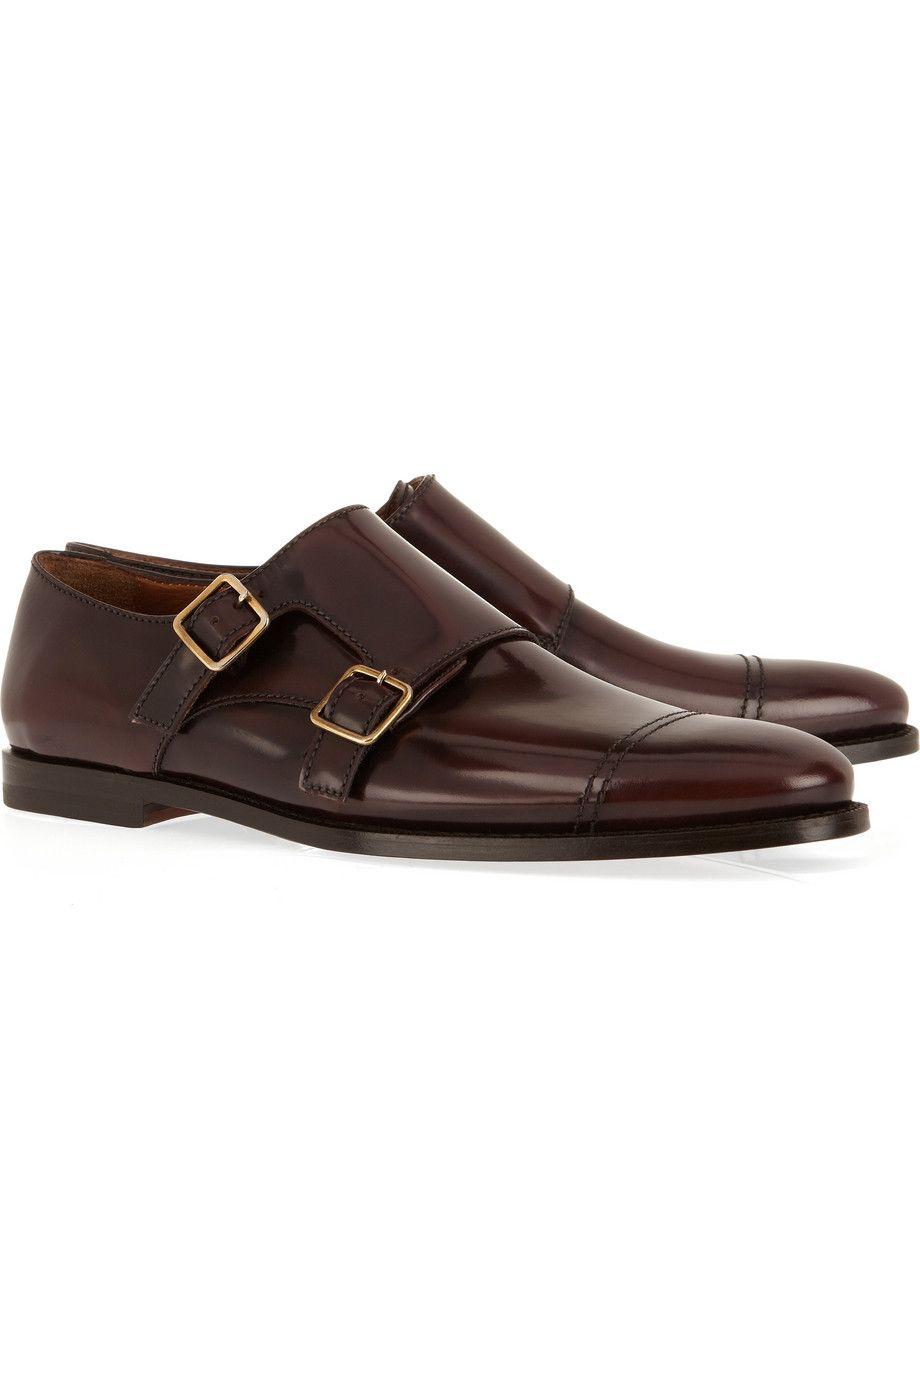 8c2ab211edd Burberry Double Monk Strap Shoes.